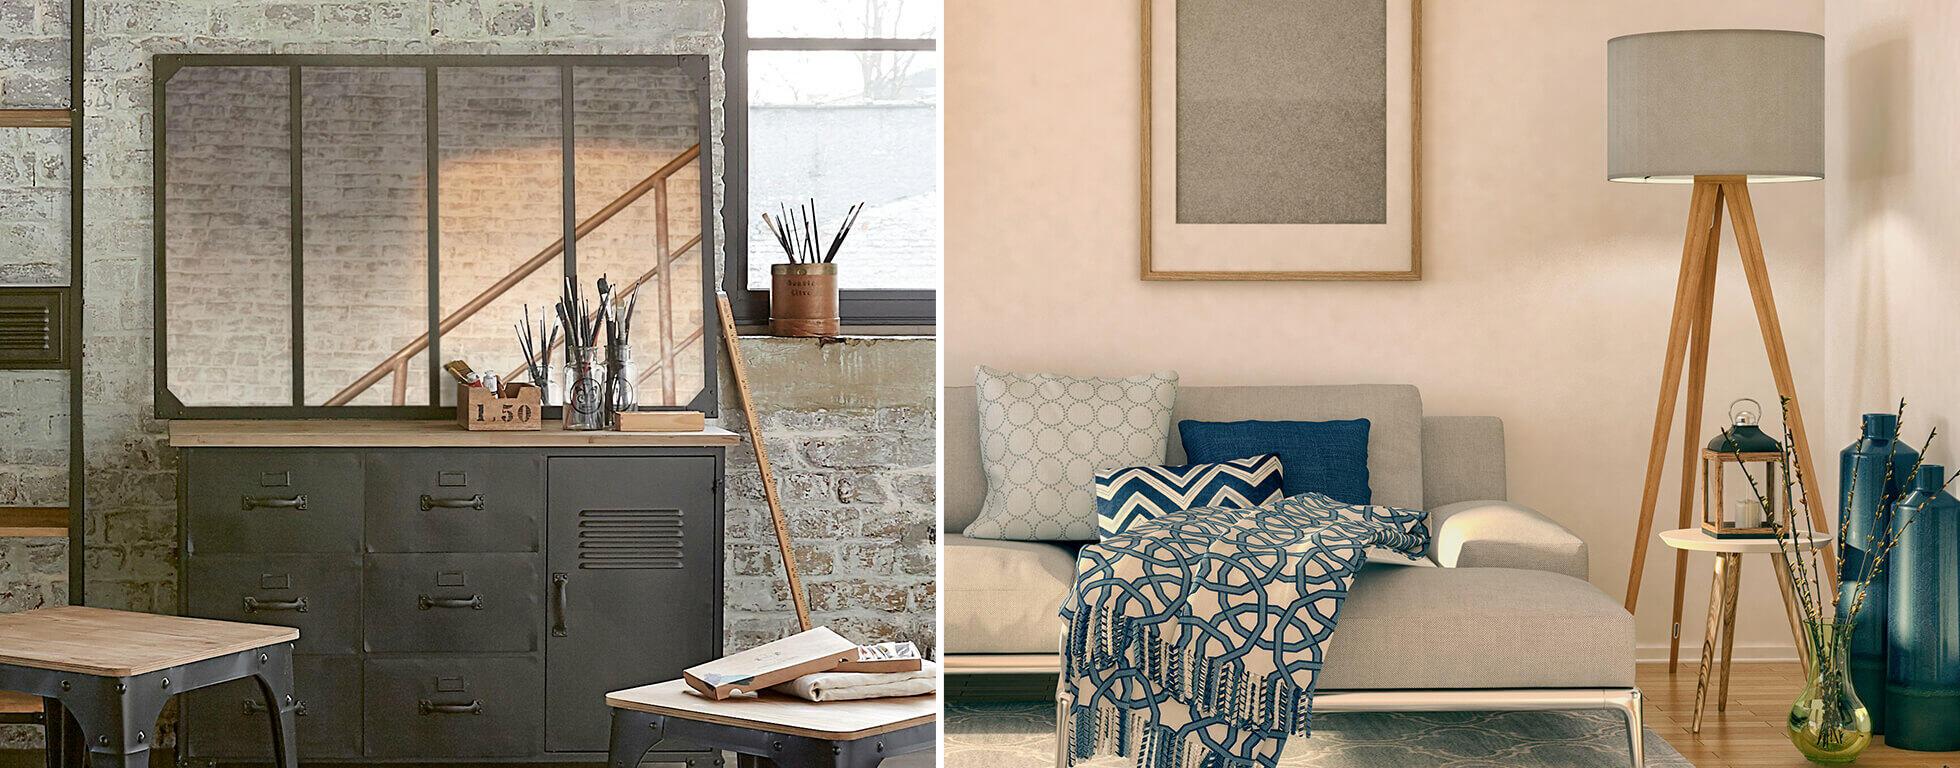 pièces décorée avec miroir industriel et déco textile tendance